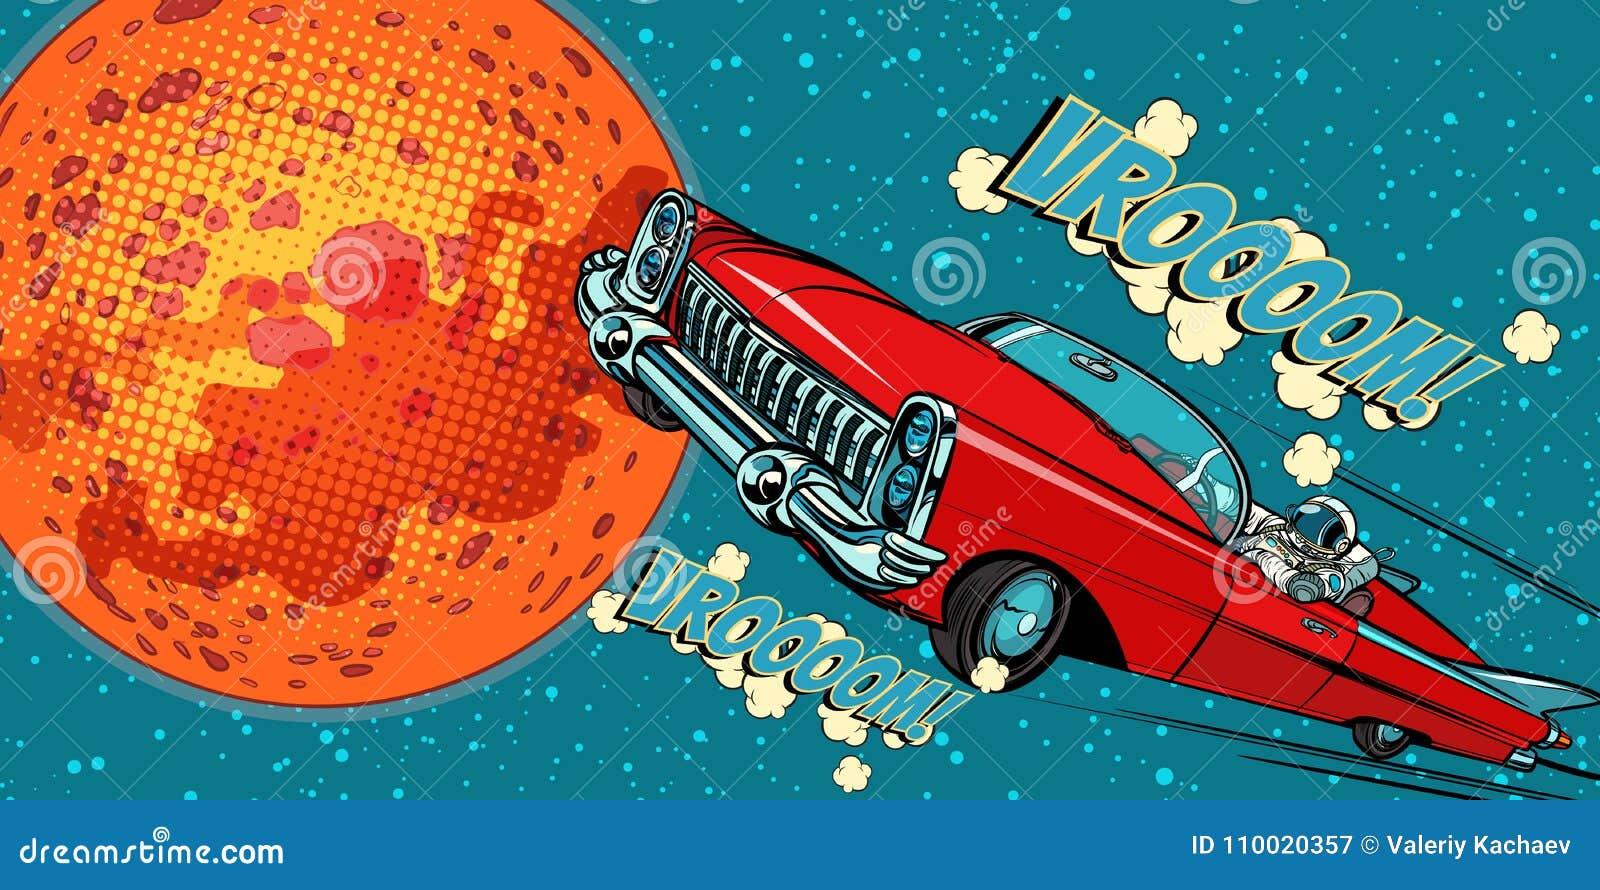 Ο οδηγός αστροναυτών στο αυτοκίνητο στον Άρη